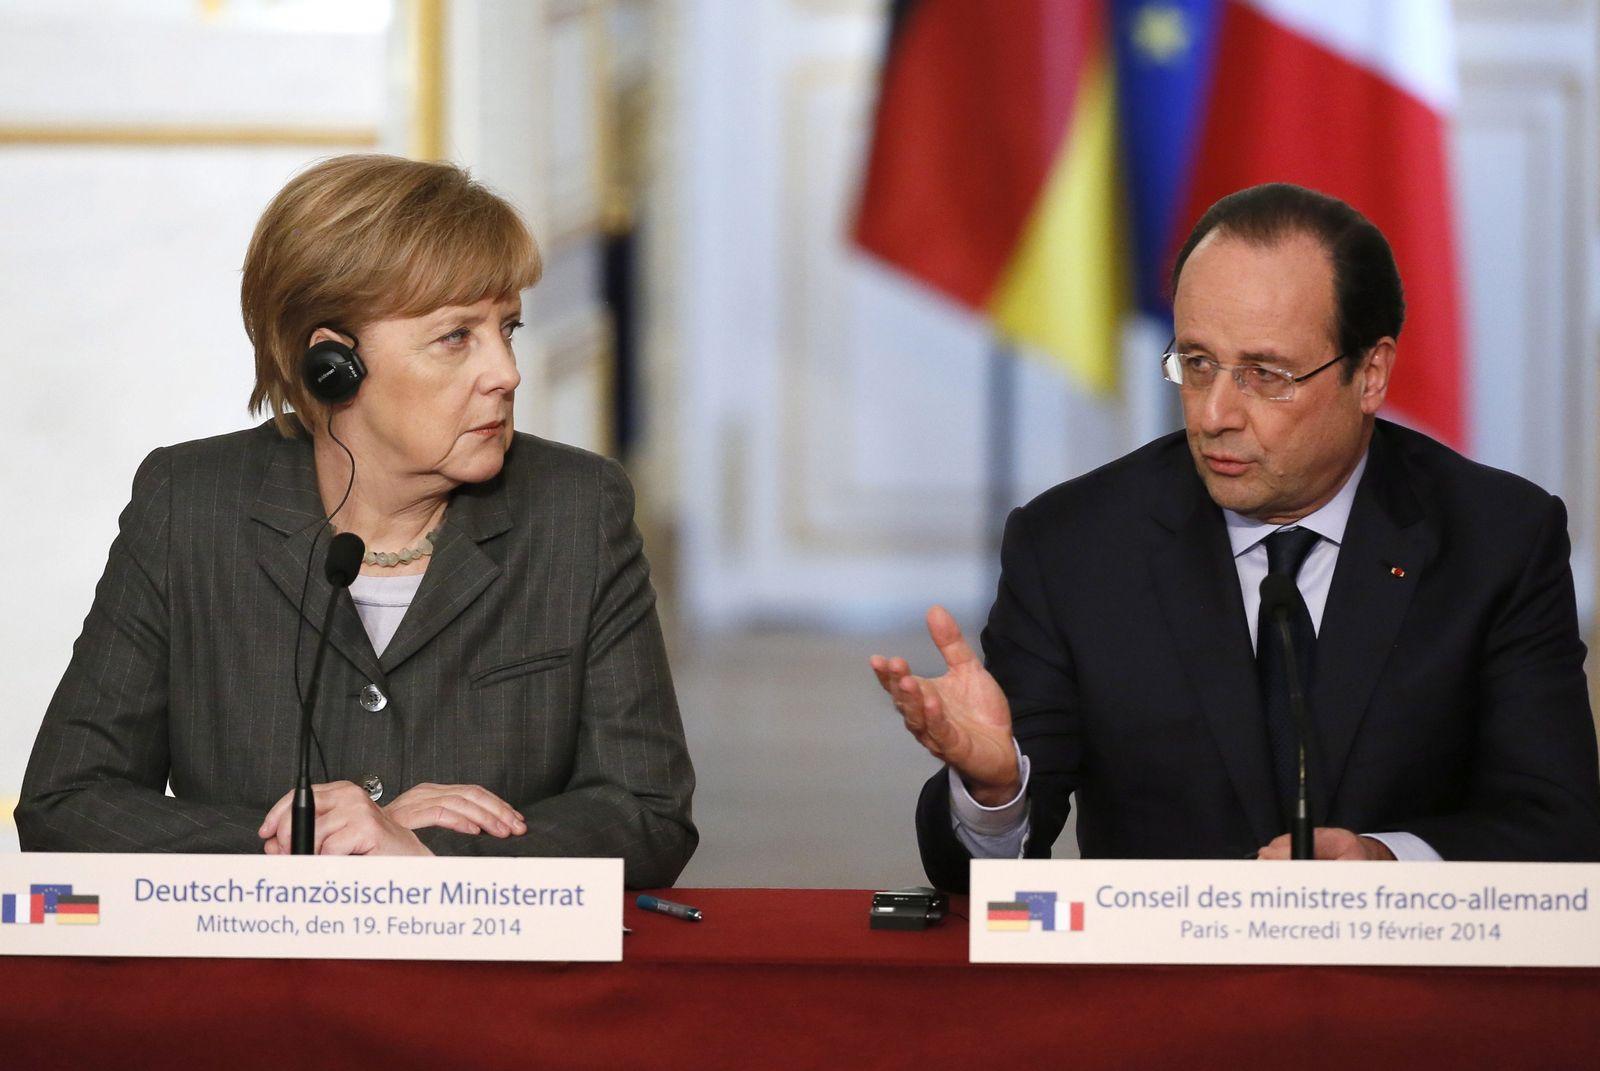 Merkel/ Hollande